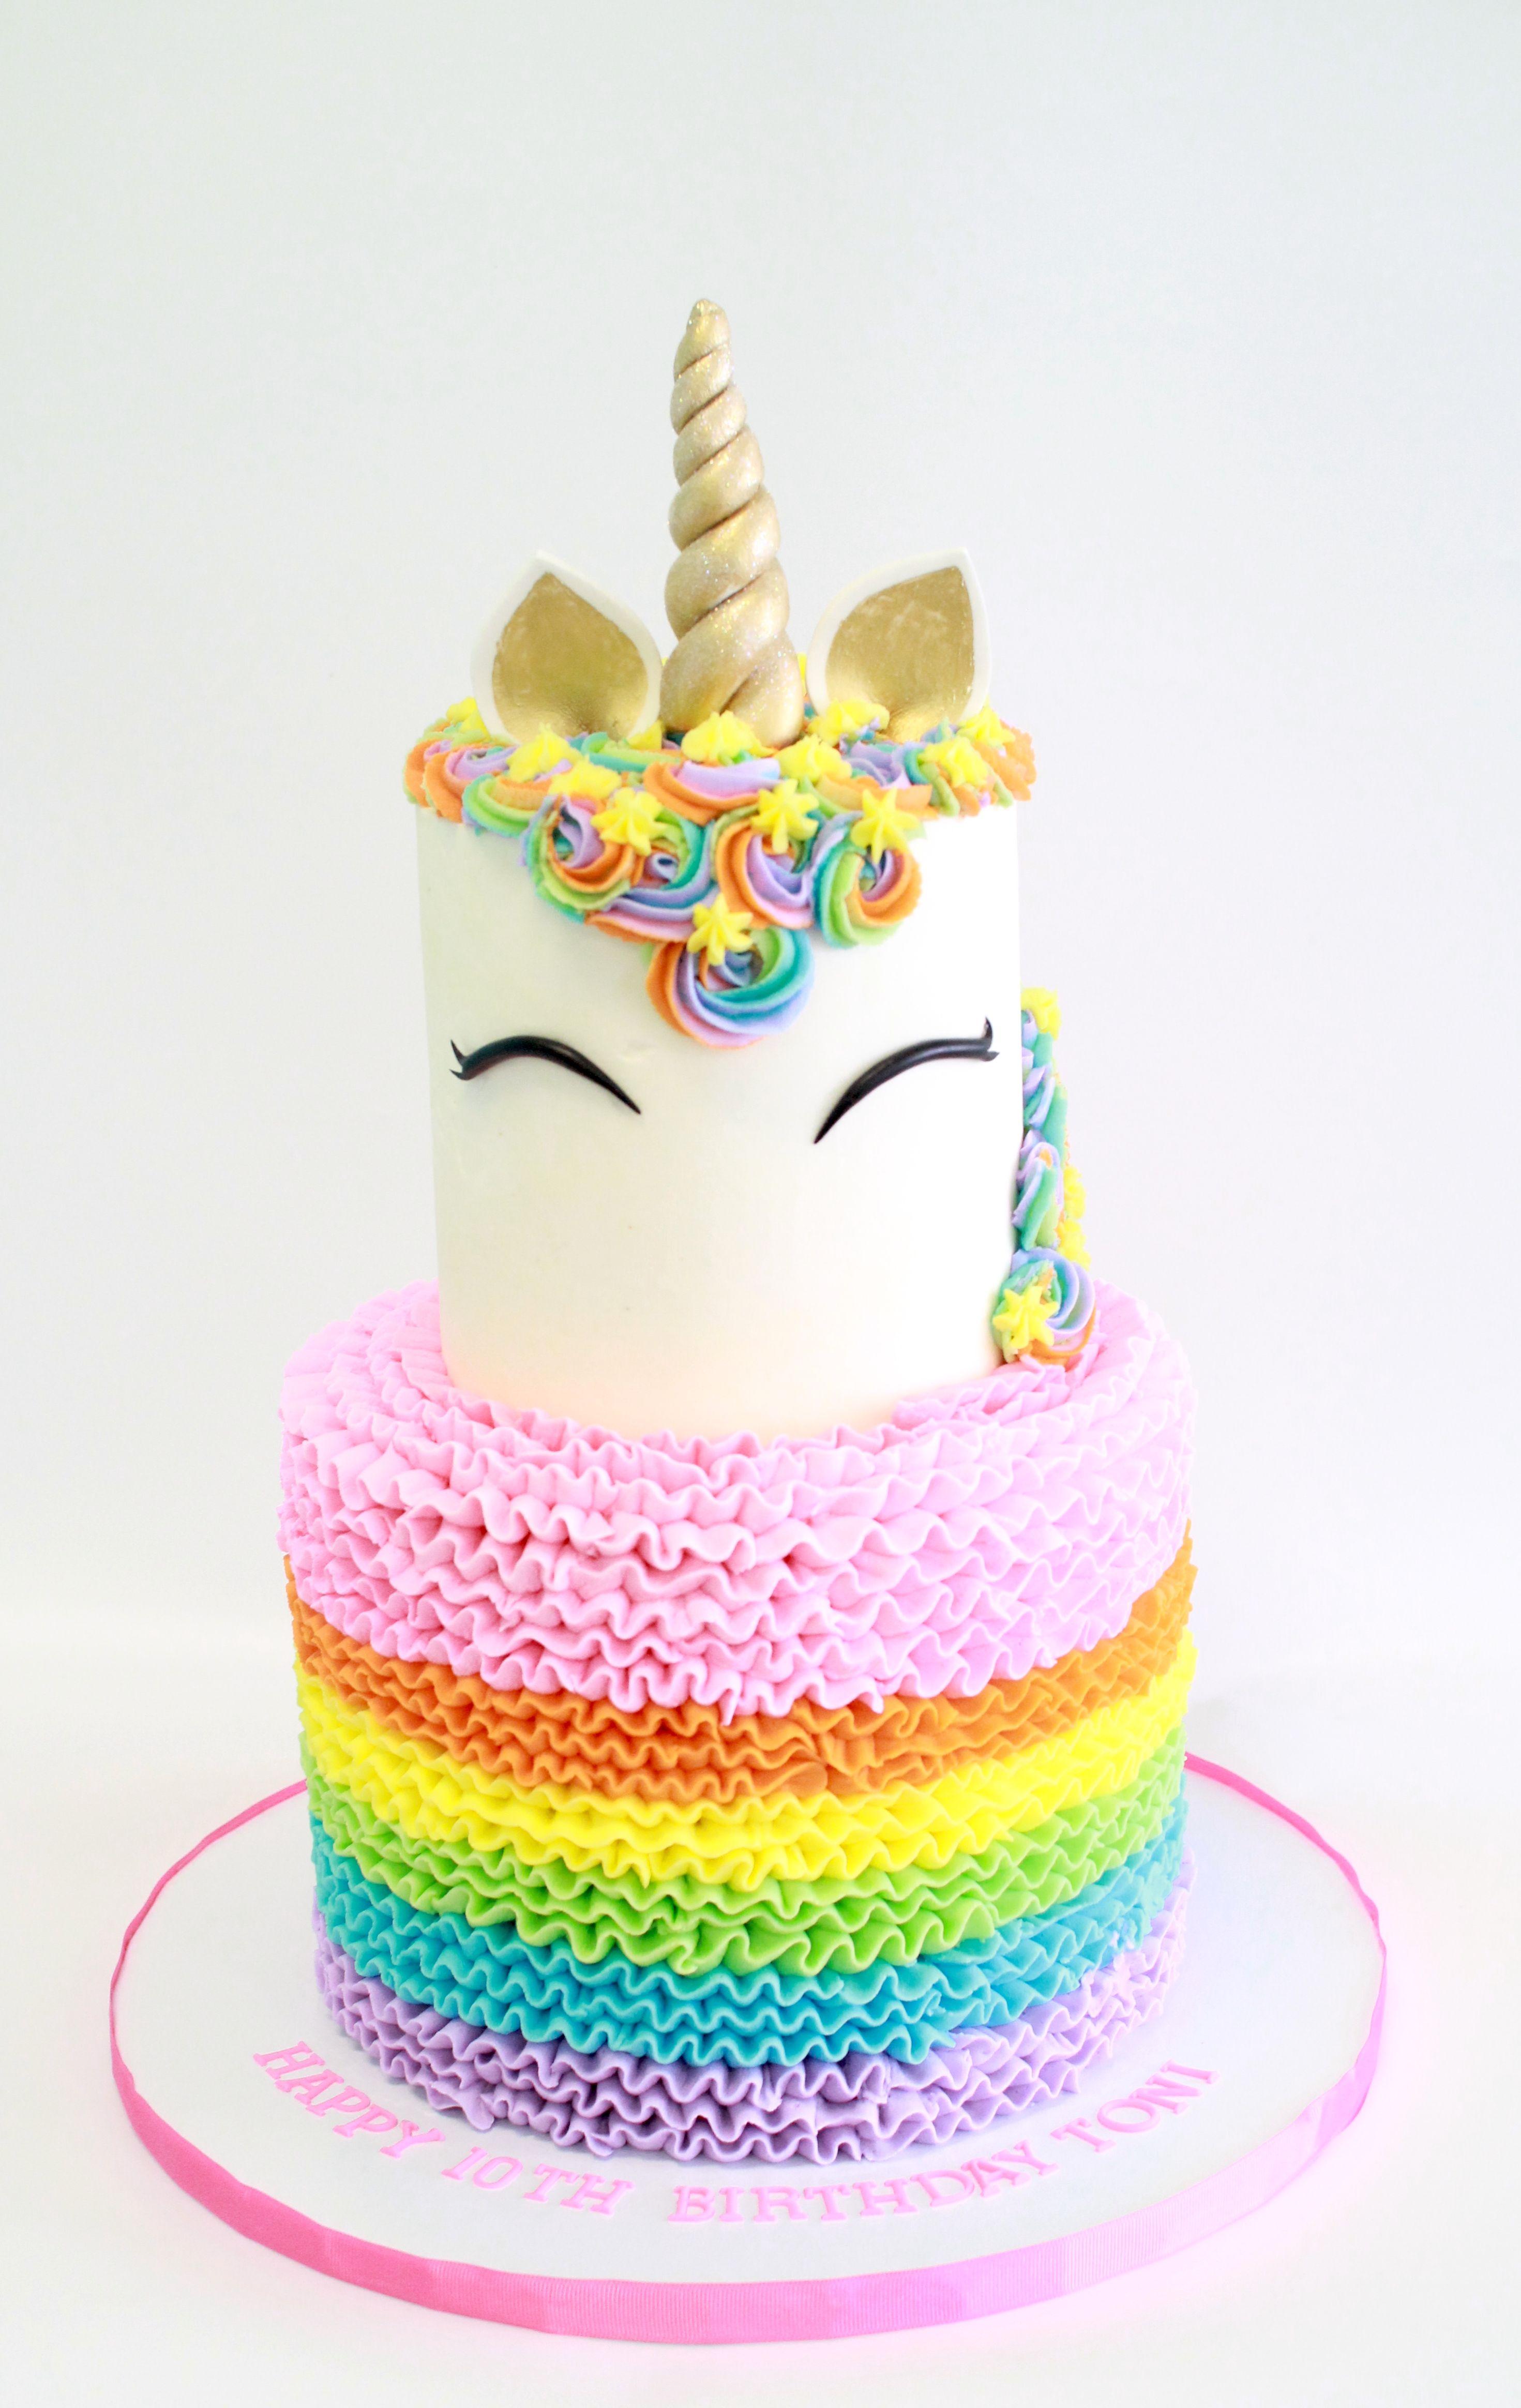 2 Tier Unicorn Cake By Cake Bash Studio Amp Bakery Lake